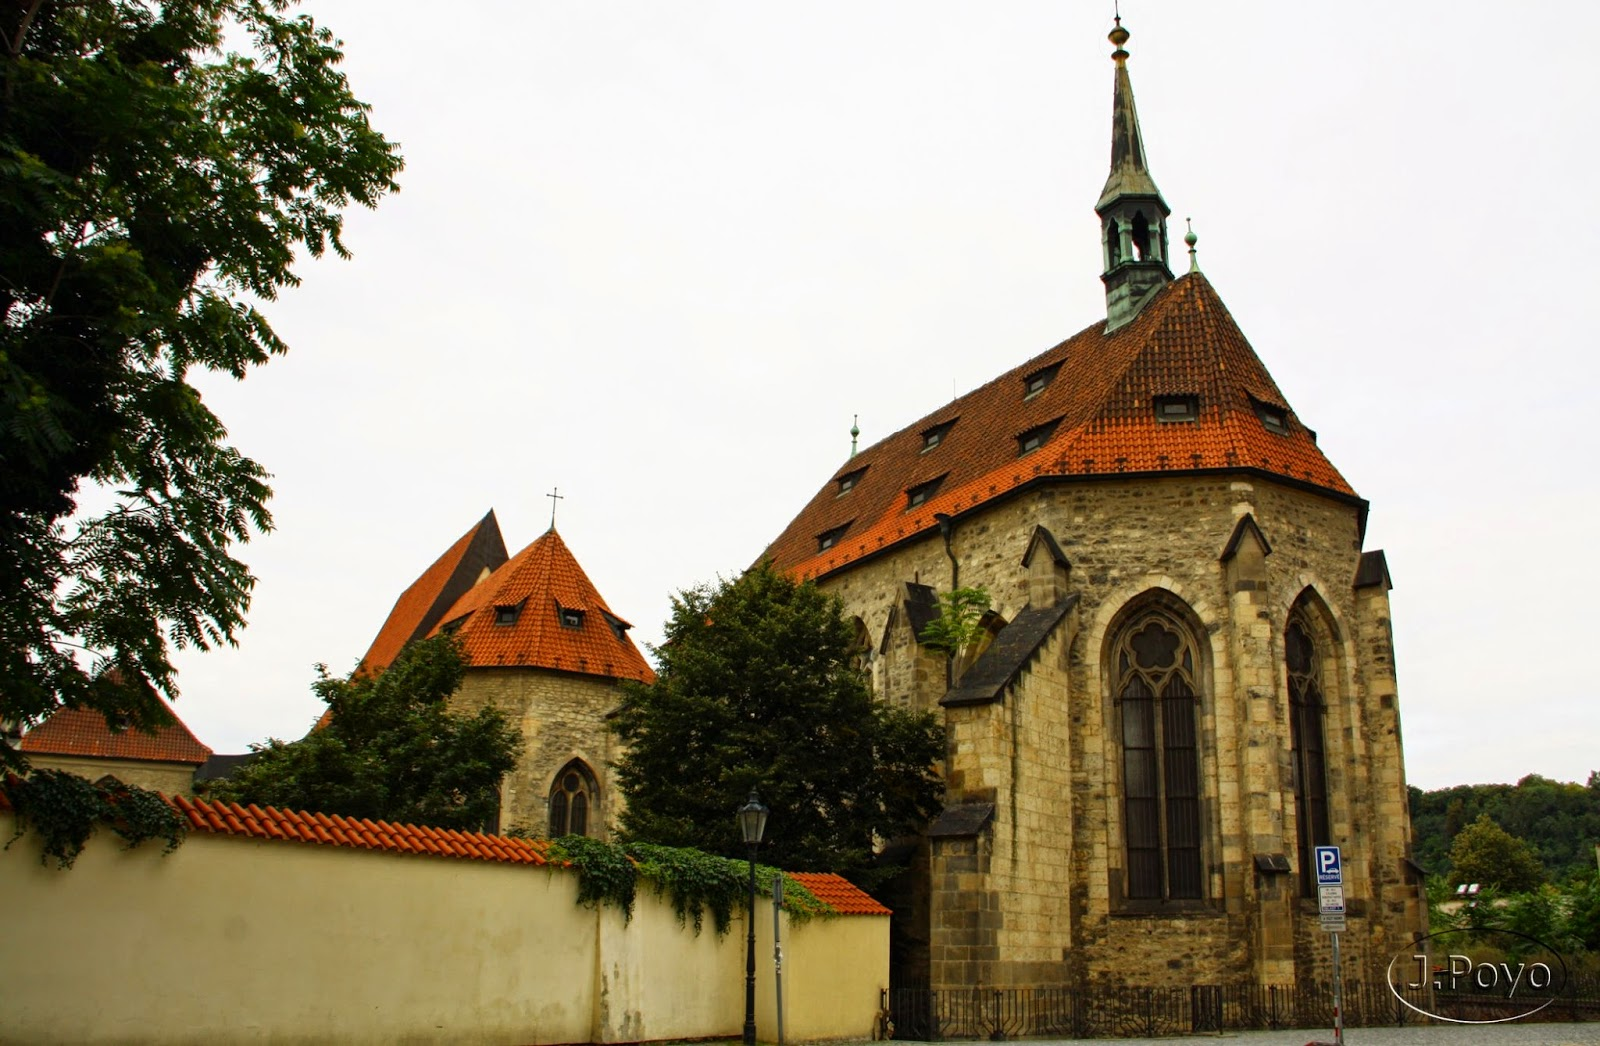 Convento de Santa Inés de Bohemia de Praga